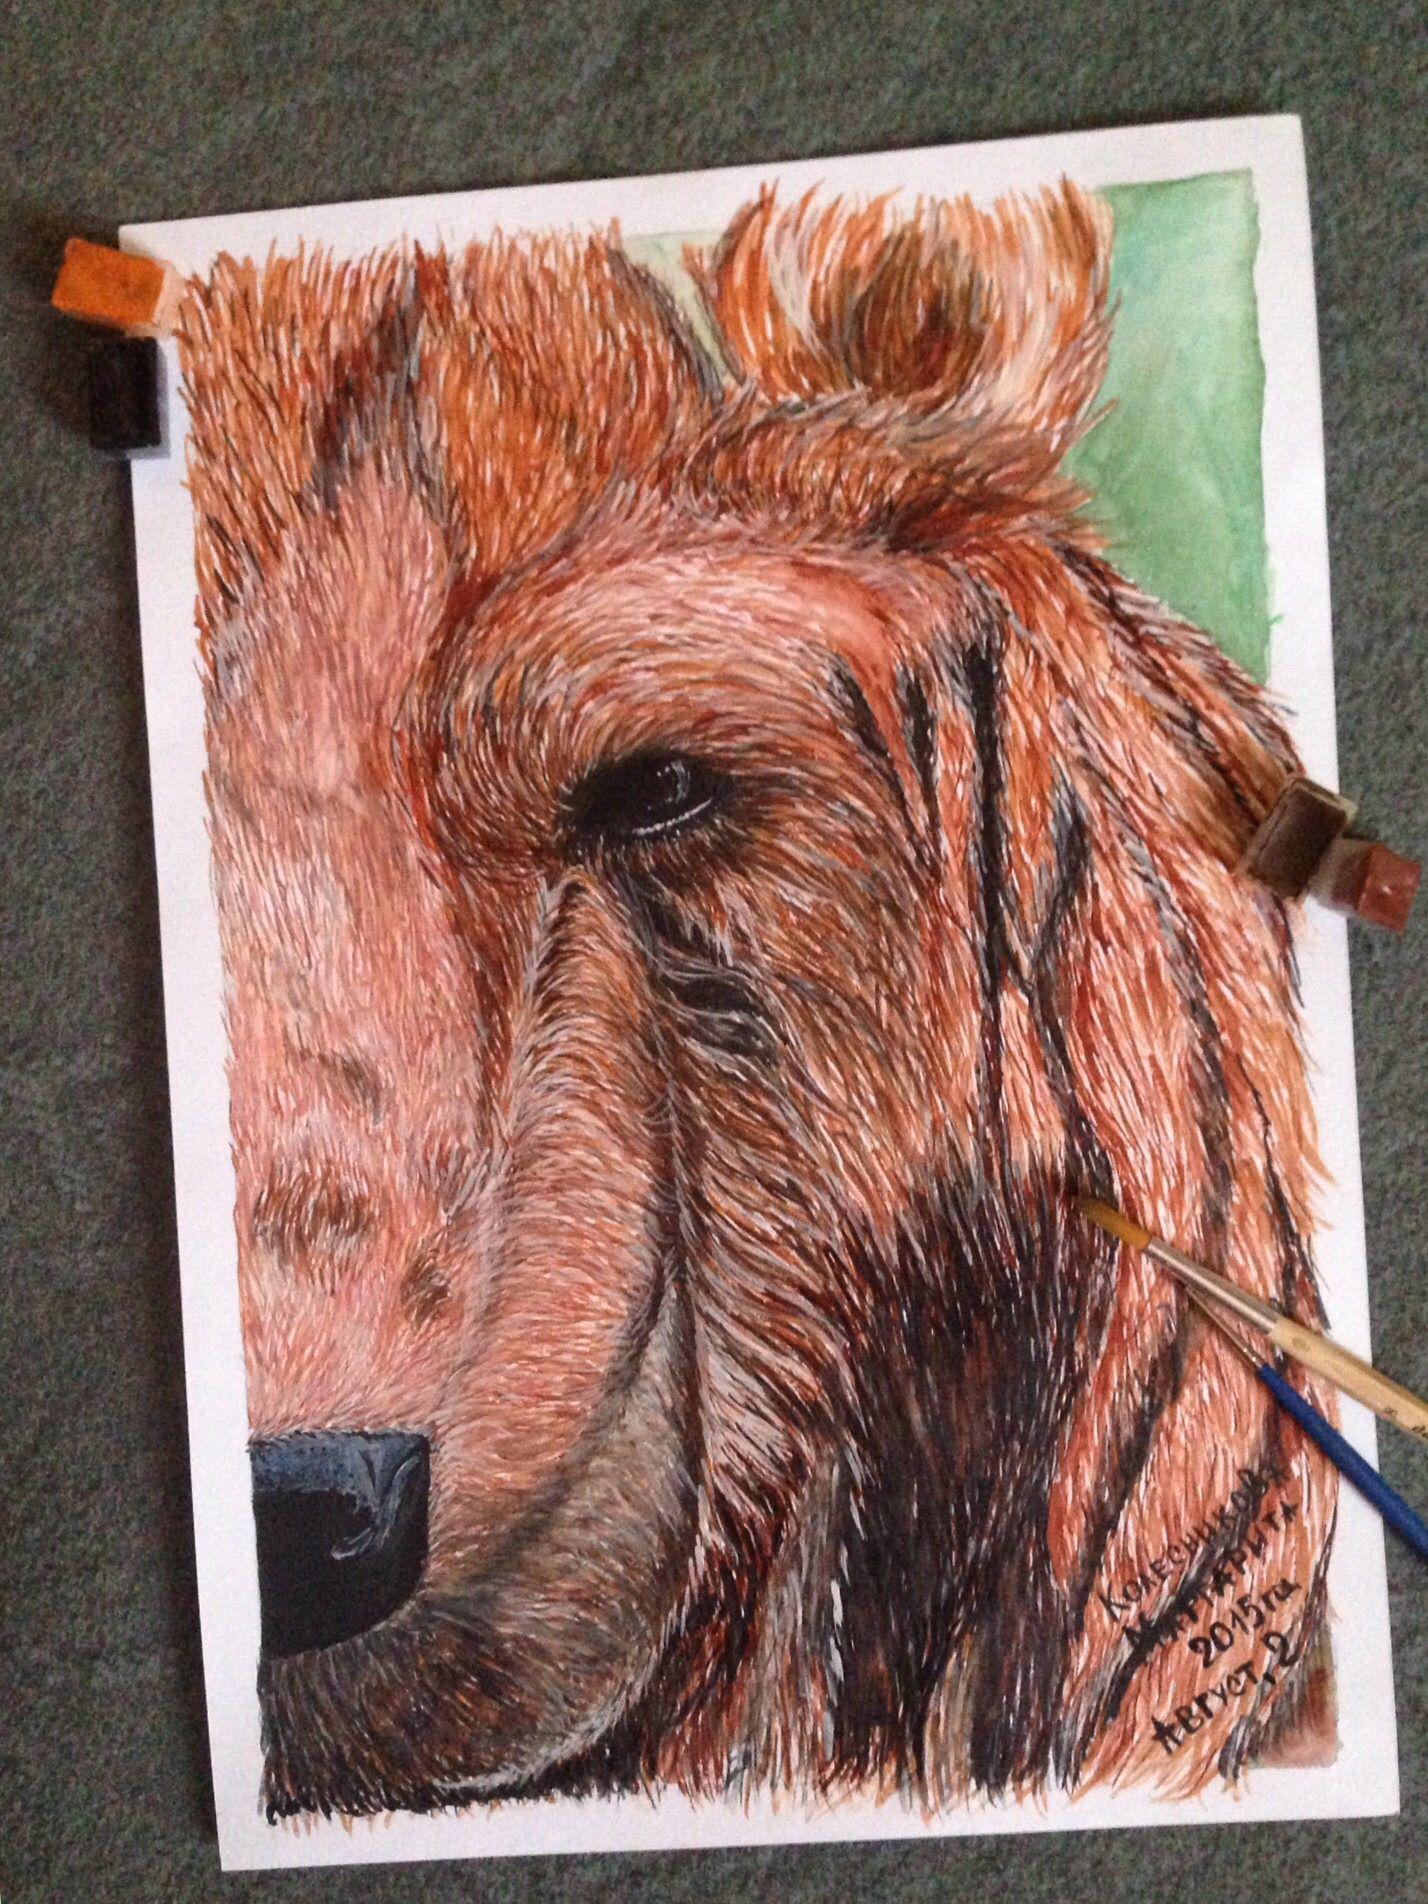 офис столовая гостиная медведь дача декор животные продаю продажа интерьер дом дизайн живопись творчество арт искусство акварель продам стиль картина